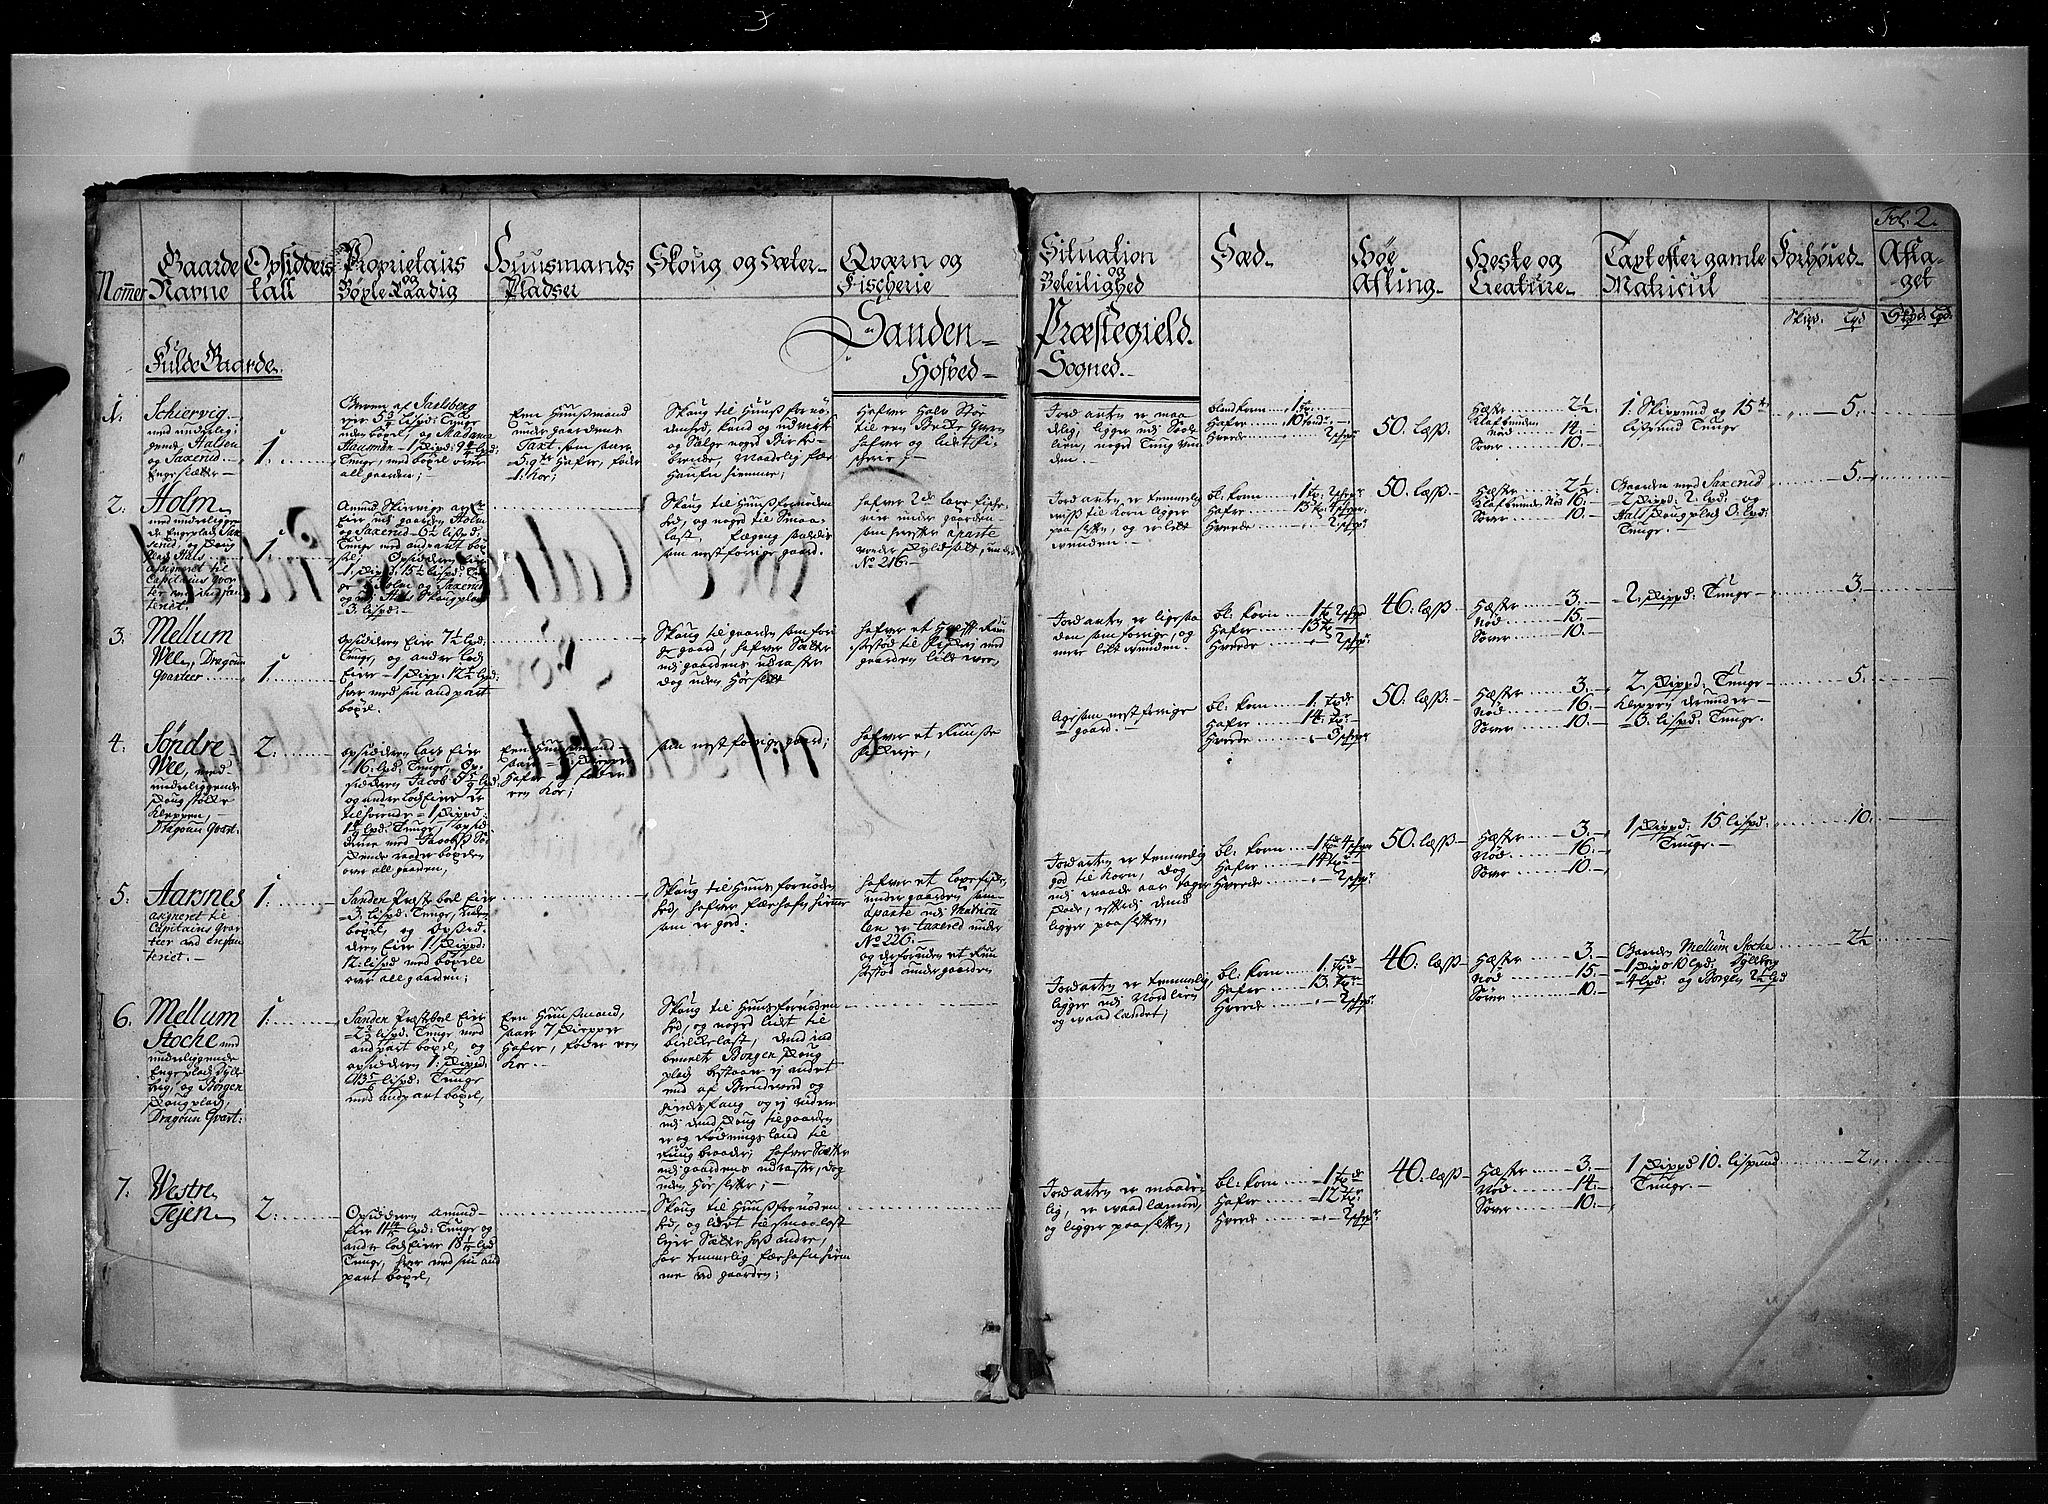 RA, Rentekammeret inntil 1814, Realistisk ordnet avdeling, N/Nb/Nbf/L0115: Jarlsberg grevskap eksaminasjonsprotokoll, 1723, s. 1b-2a